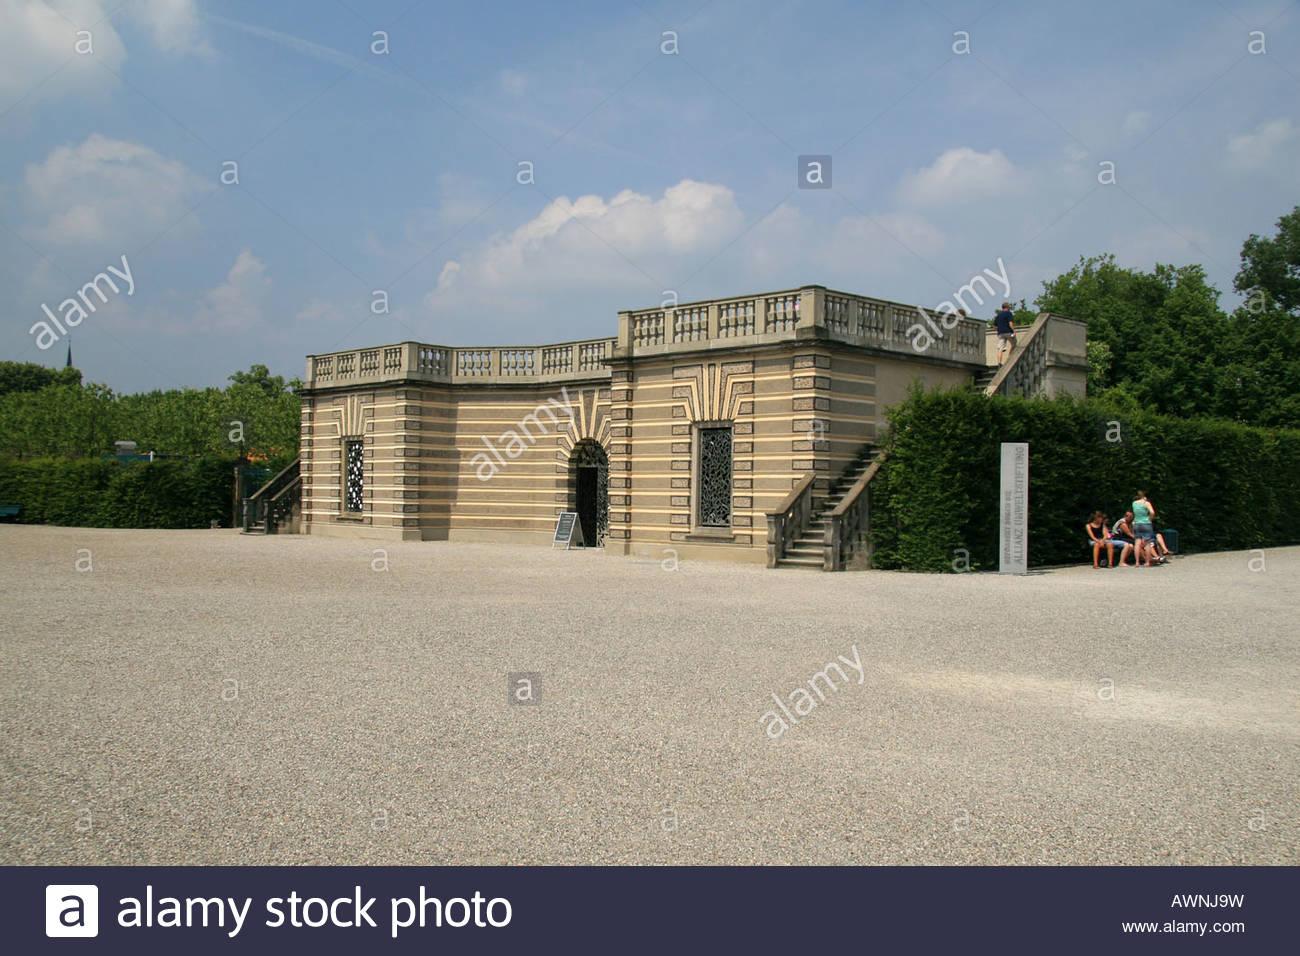 the niki de saint phalle grotto in herrenhuser grten hanover germany AWNJ9W